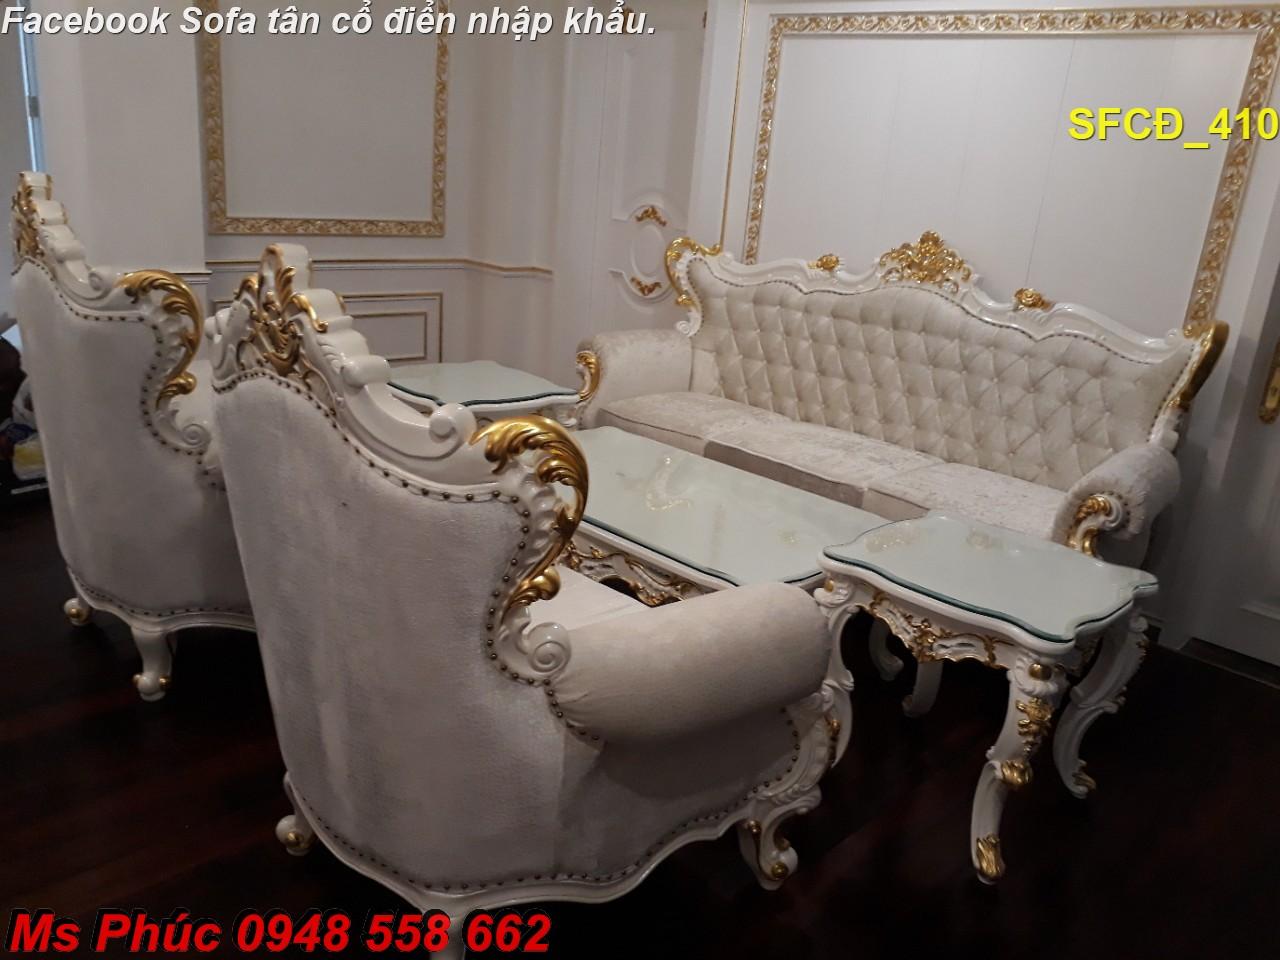 17 Bật mí cách chọn bộ sofa phòng khách tân cổ điển cao cấp, chất lượng - Nội thất Kim Anh